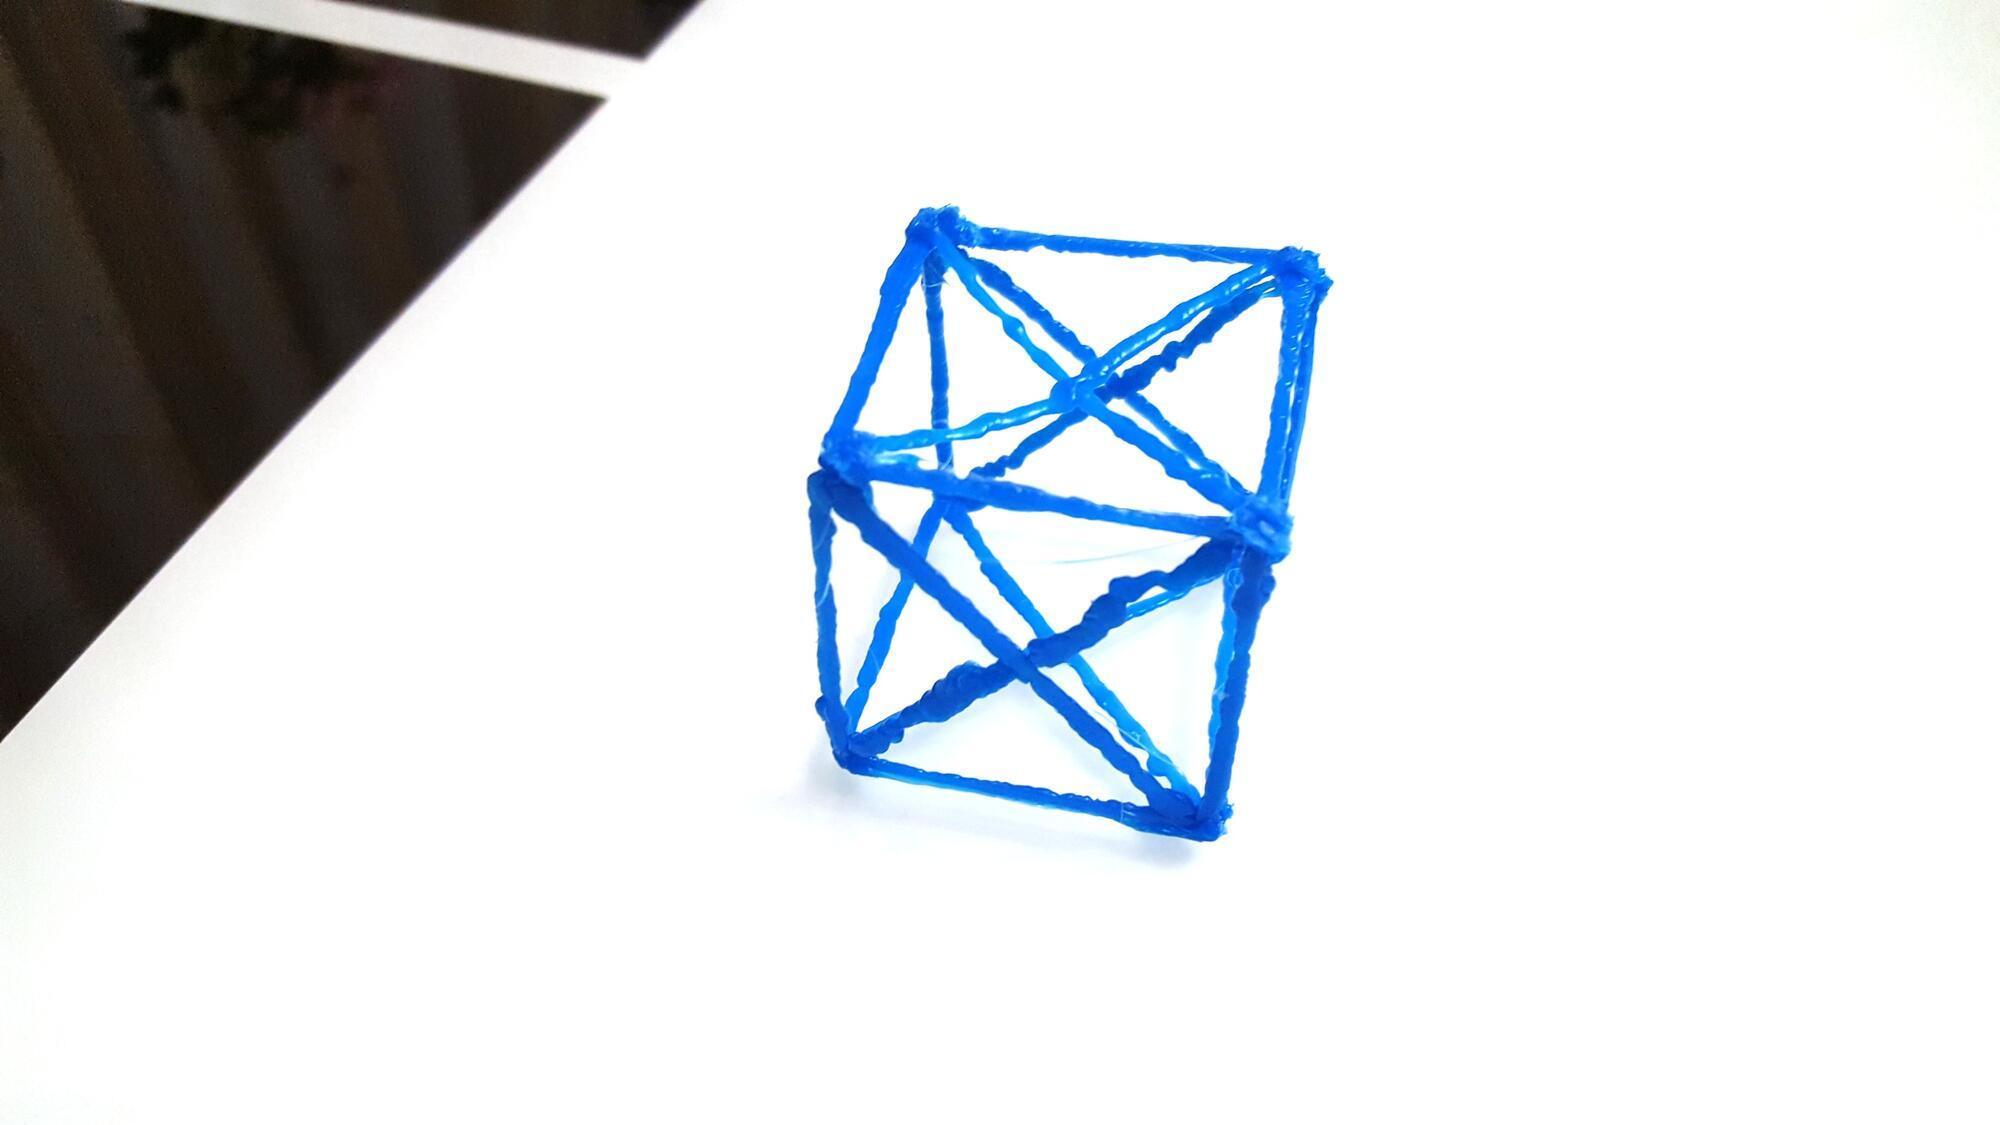 Ofisnaya i torgovaya tehnika - 3D-ruchka DEXP RP100B - realnoe volshebstvo dlya detey i vzroslyh